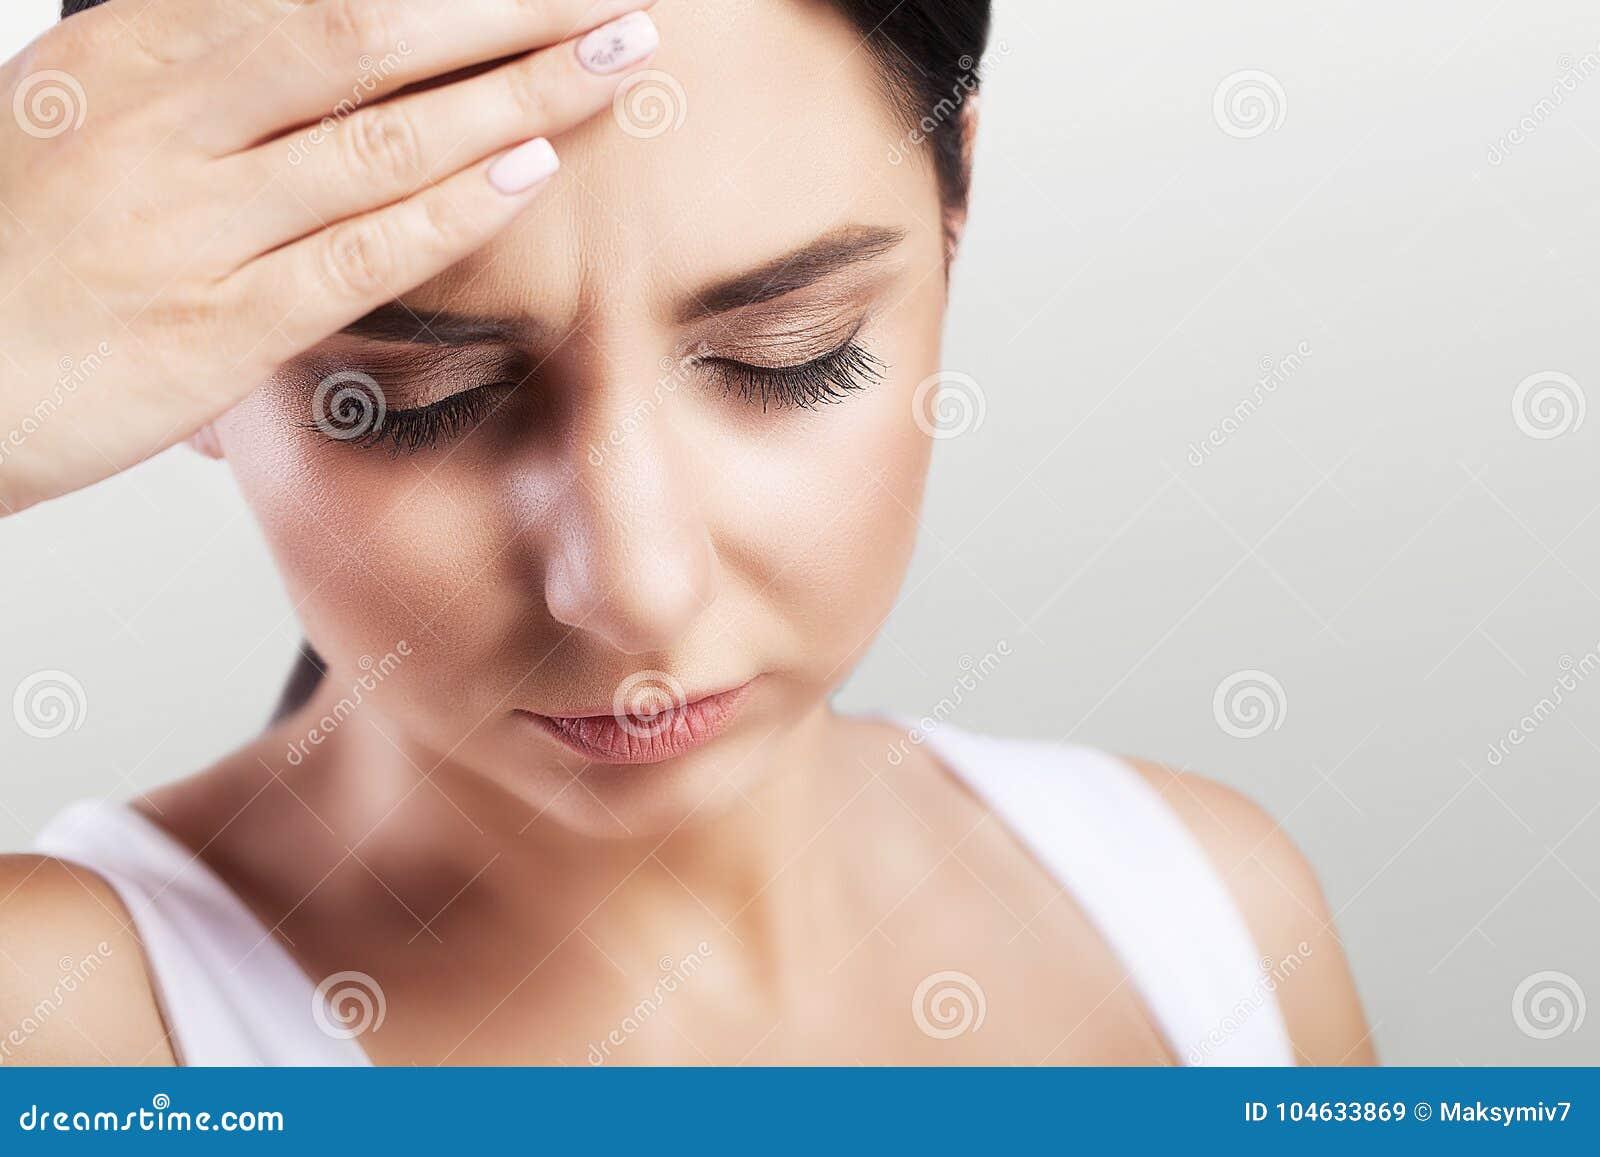 Download Hoofdpijn In Een Jong Meisje Migraine Moeheid Na Een Harde Werkdag Het Concept Gezondheid Op Een Grijze Achtergrond Stock Afbeelding - Afbeelding bestaande uit lijd, probleem: 104633869